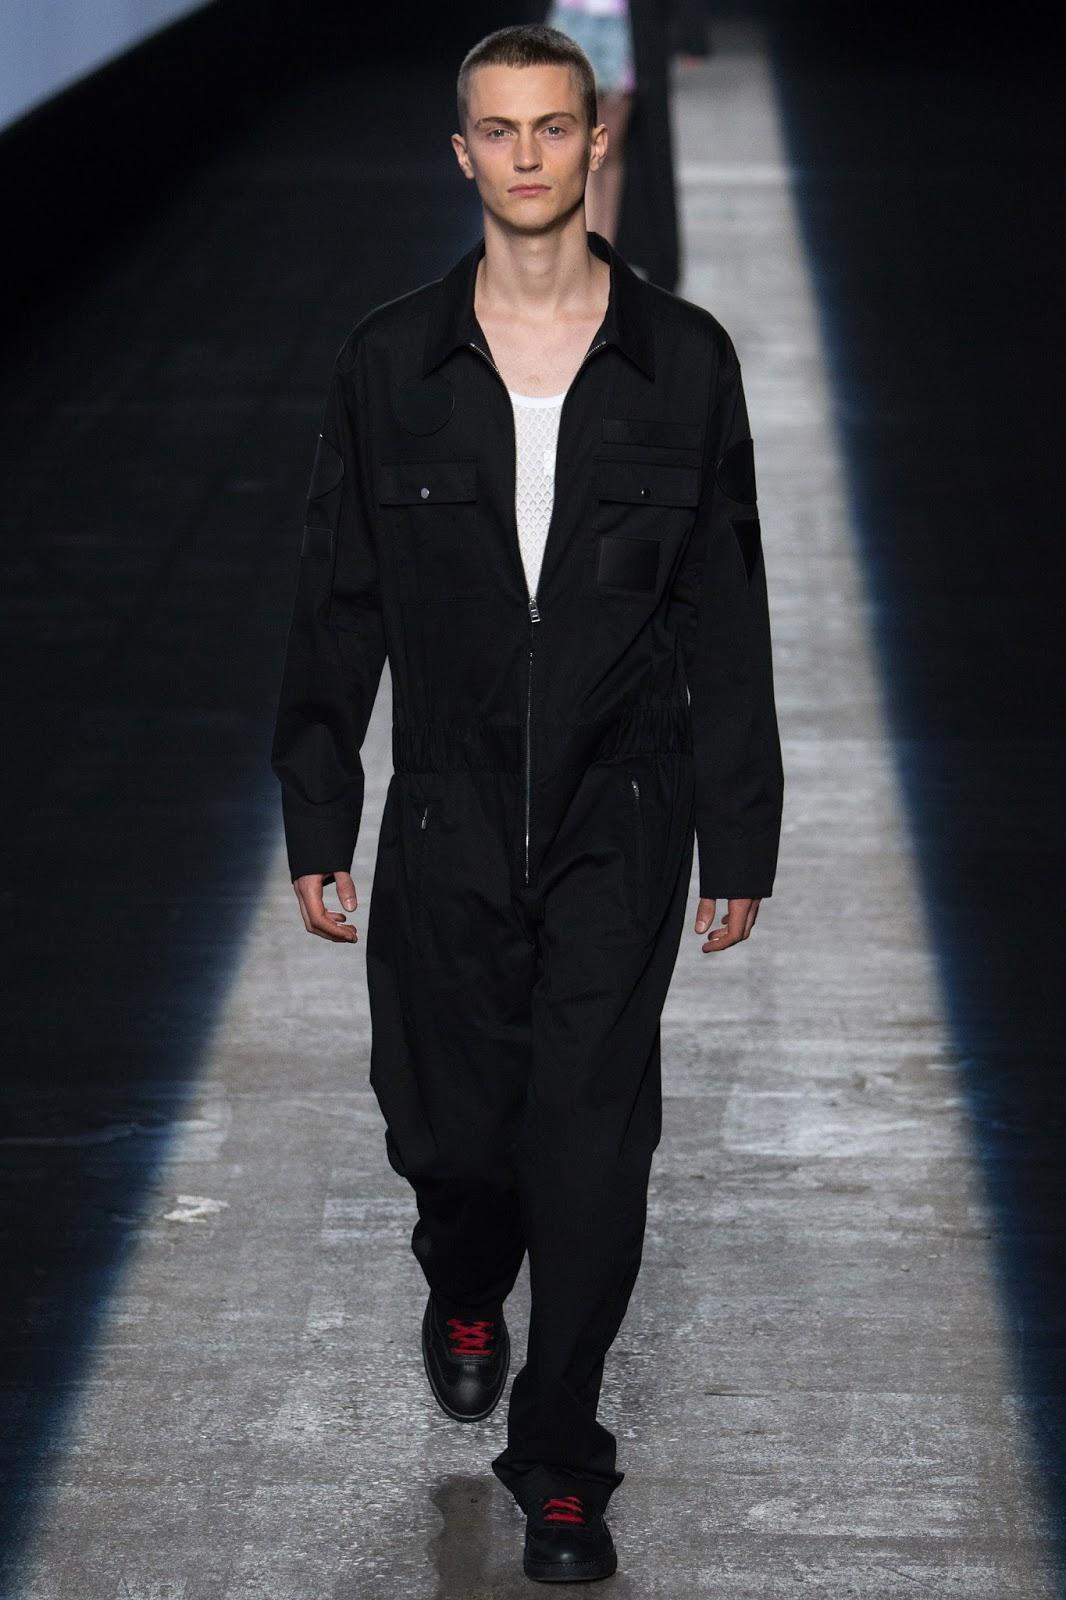 NYFW new york fashion week, black boiler suit streetwear menswear